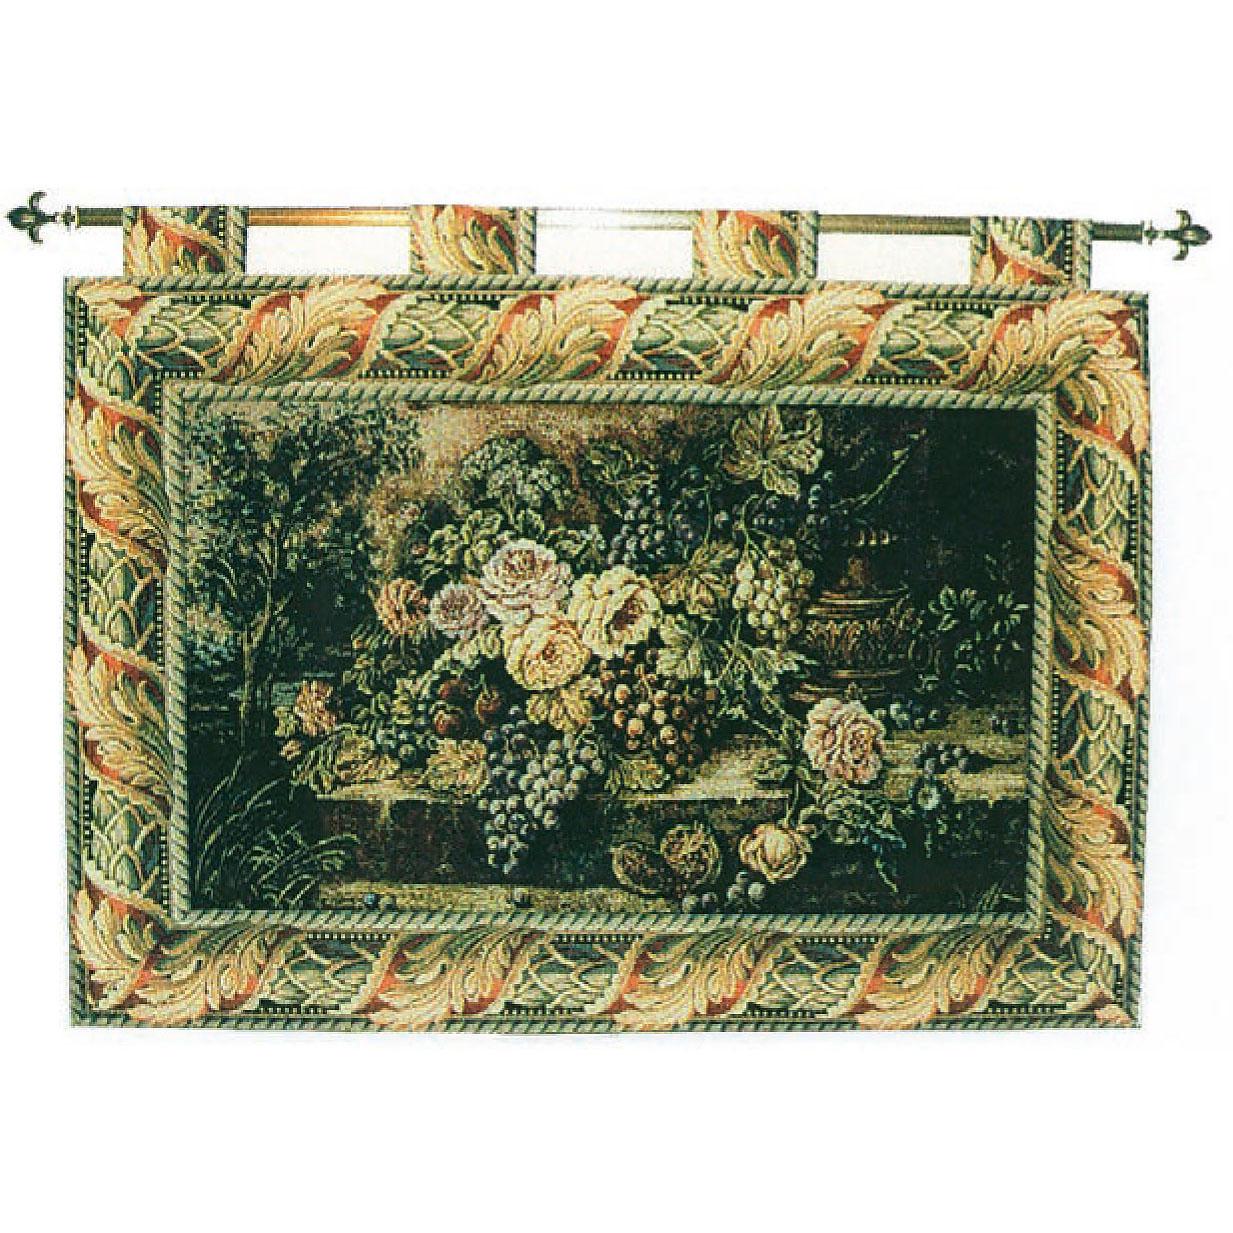 Luka, S1457 Blume - Antik <br> Гобелен Цветы <br>размеры 125х090, 110х075